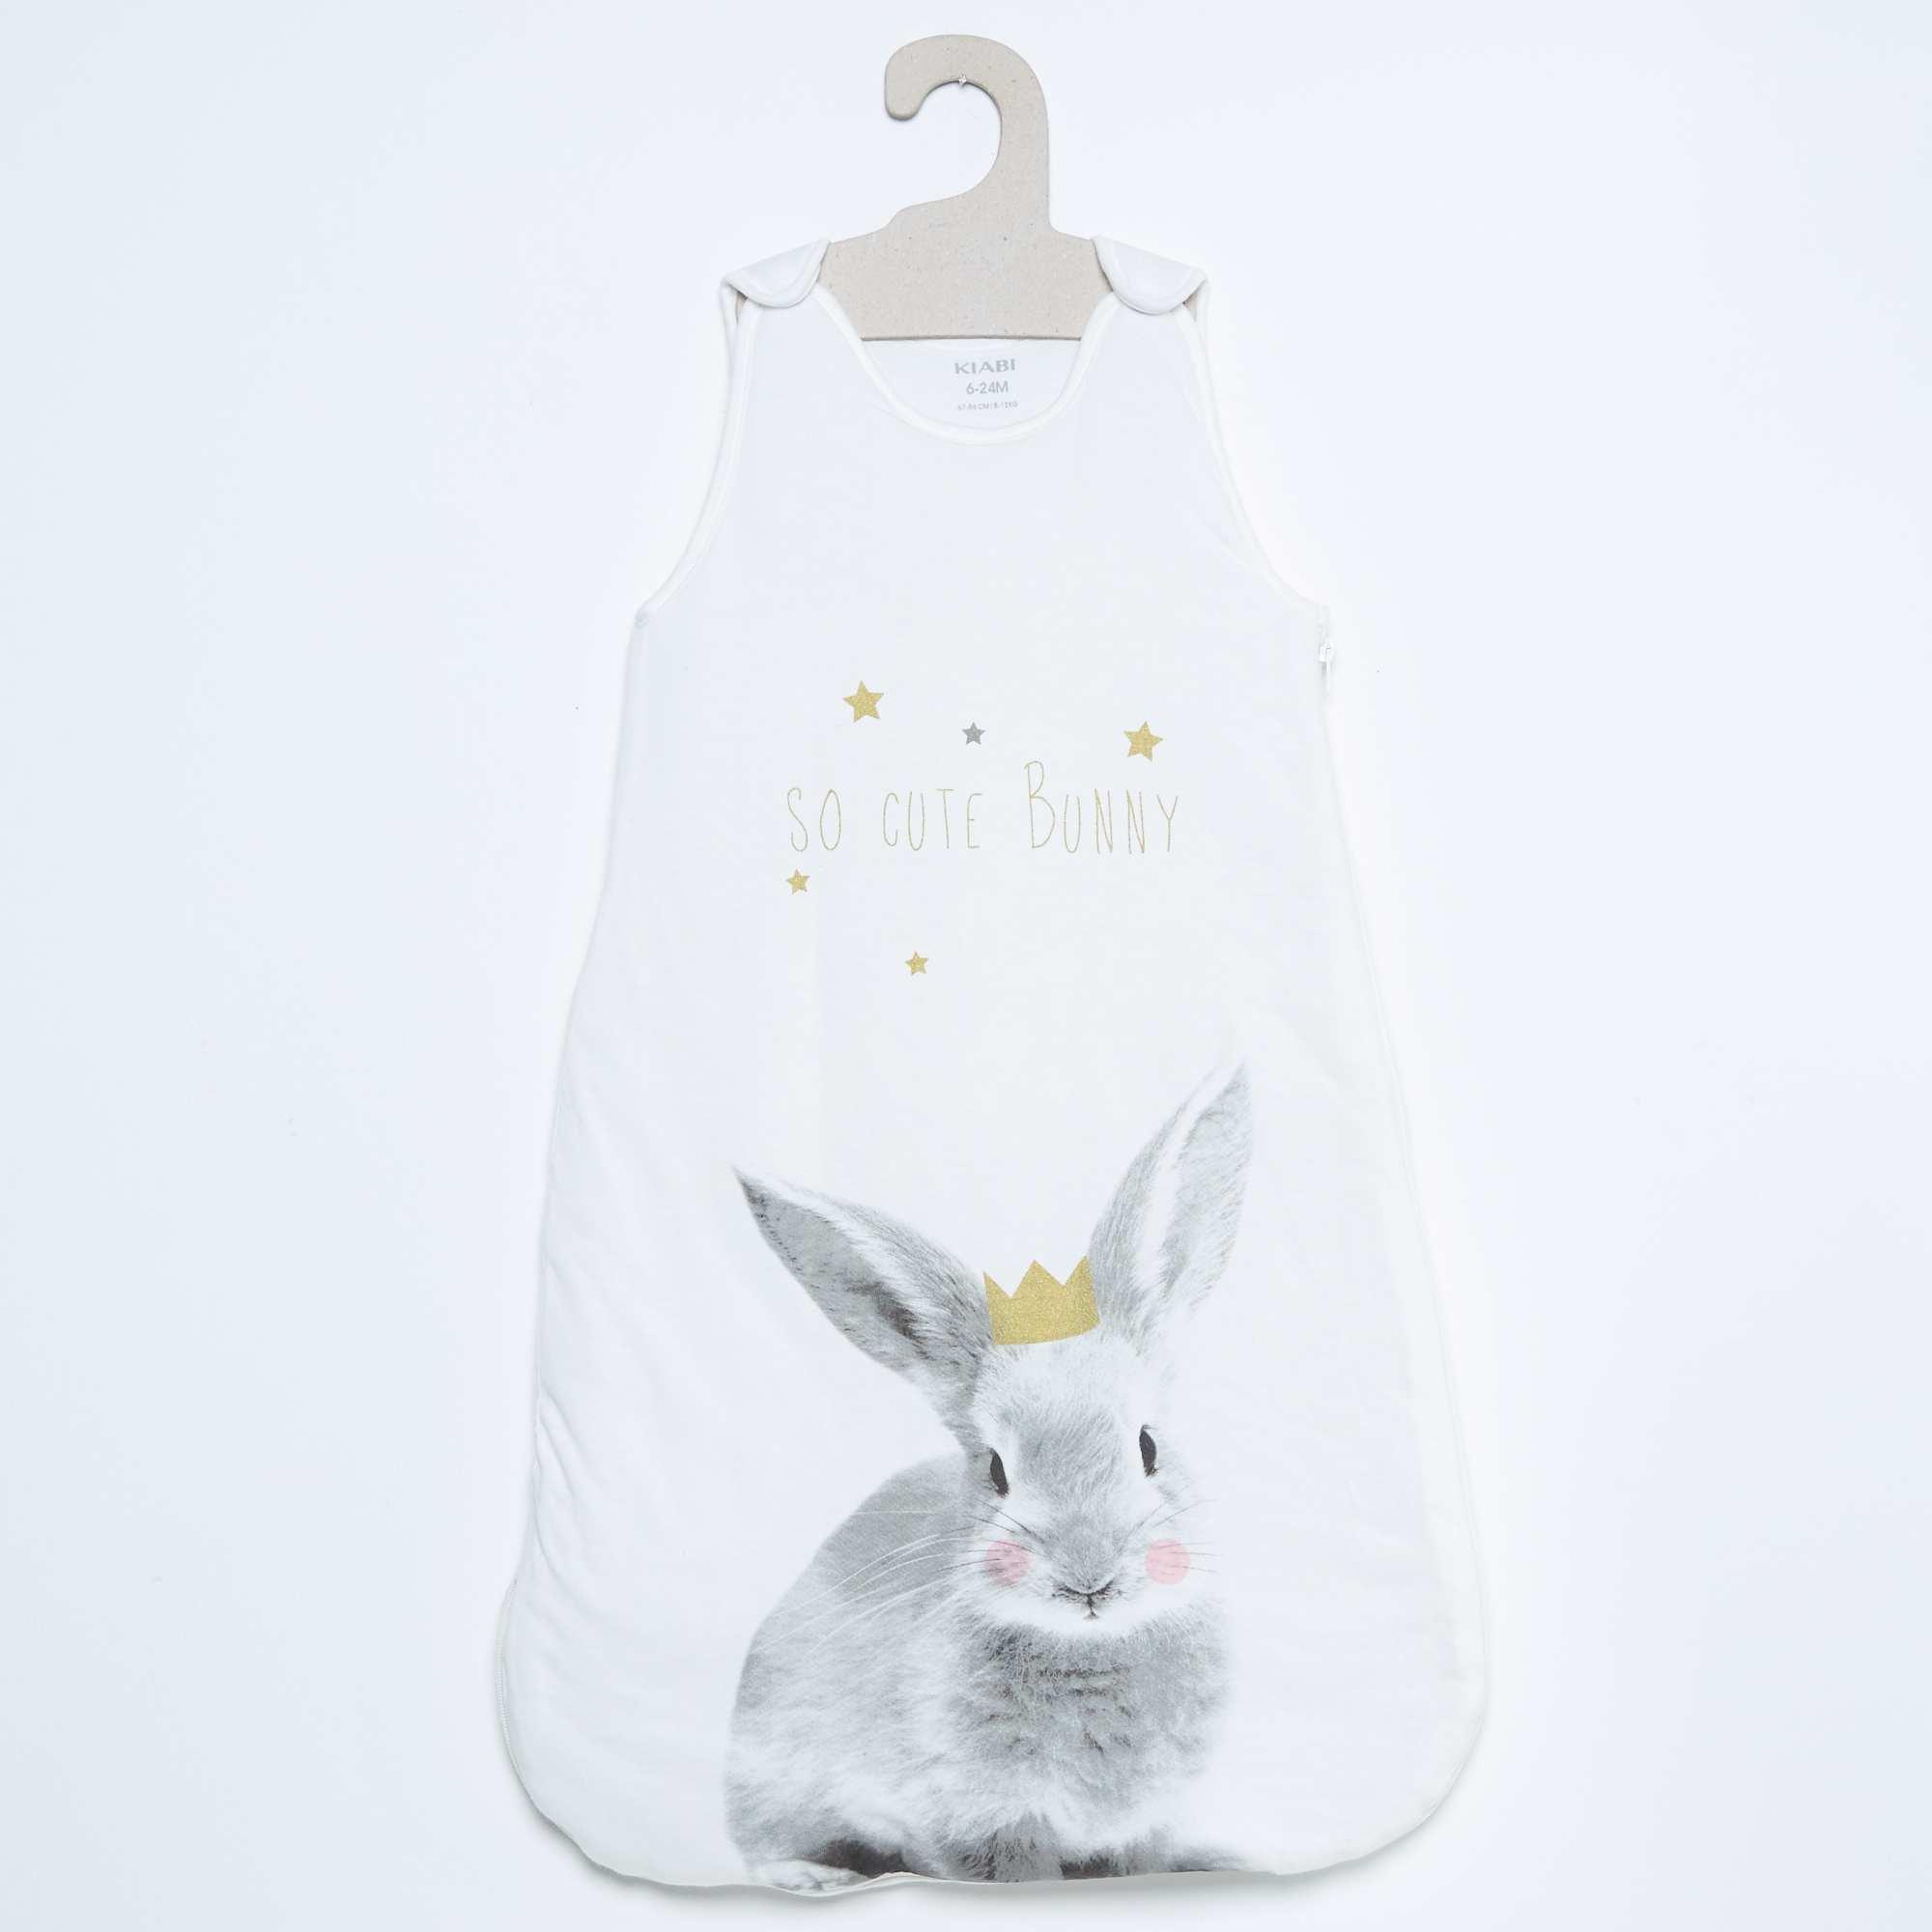 Couleur : ours, chat, pingouin,lapin, - Taille : 0/6M, , ,,Confortable pour bébé et pratique pour les parents. 2 tailles en 1 : le bas se rabat et